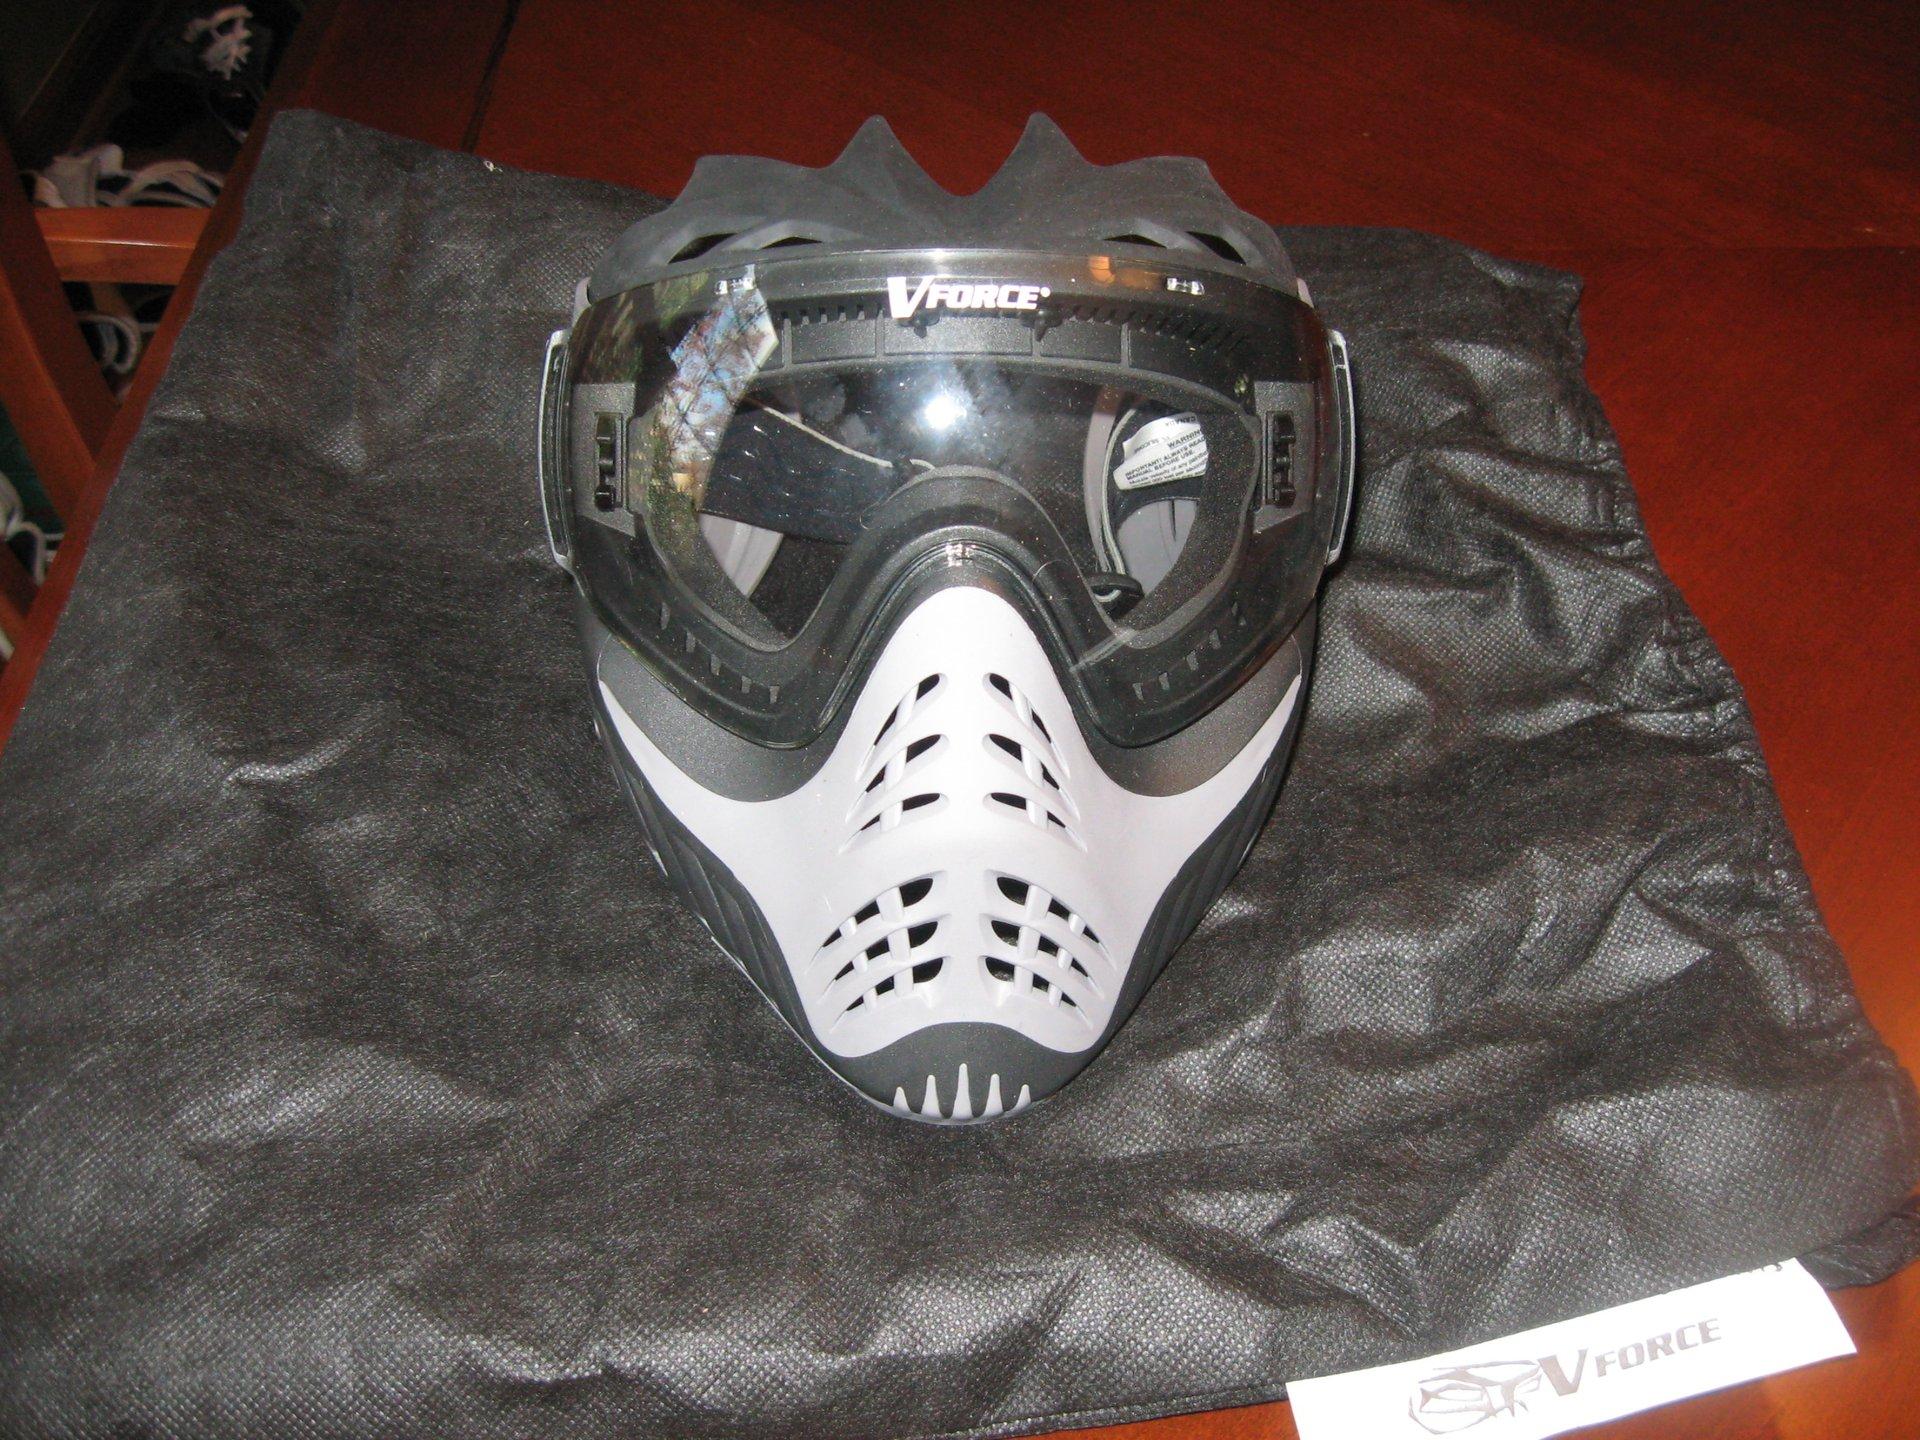 Vforce profiler mask